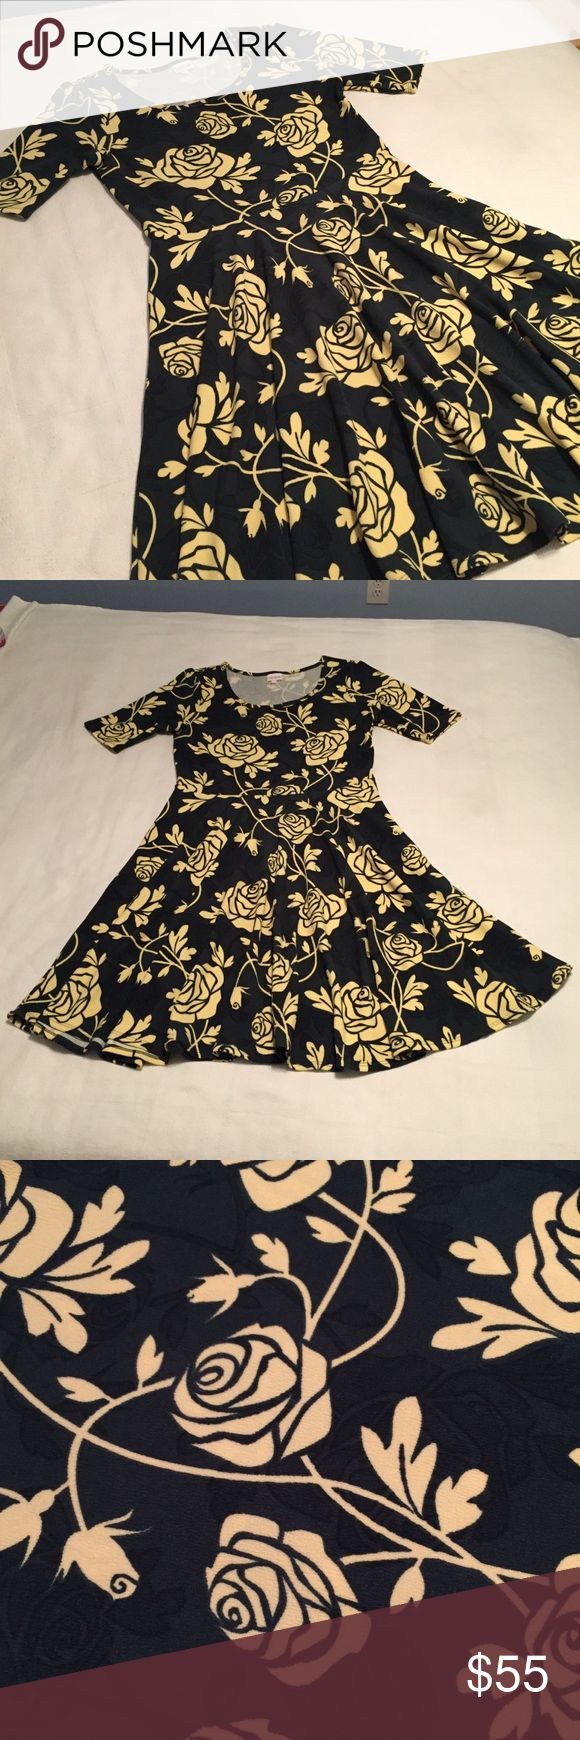 ��listing! Lularoe Rose Print Nicole ��listing! Lularoe Rose Print Nicole  Stunning Dark Hunter